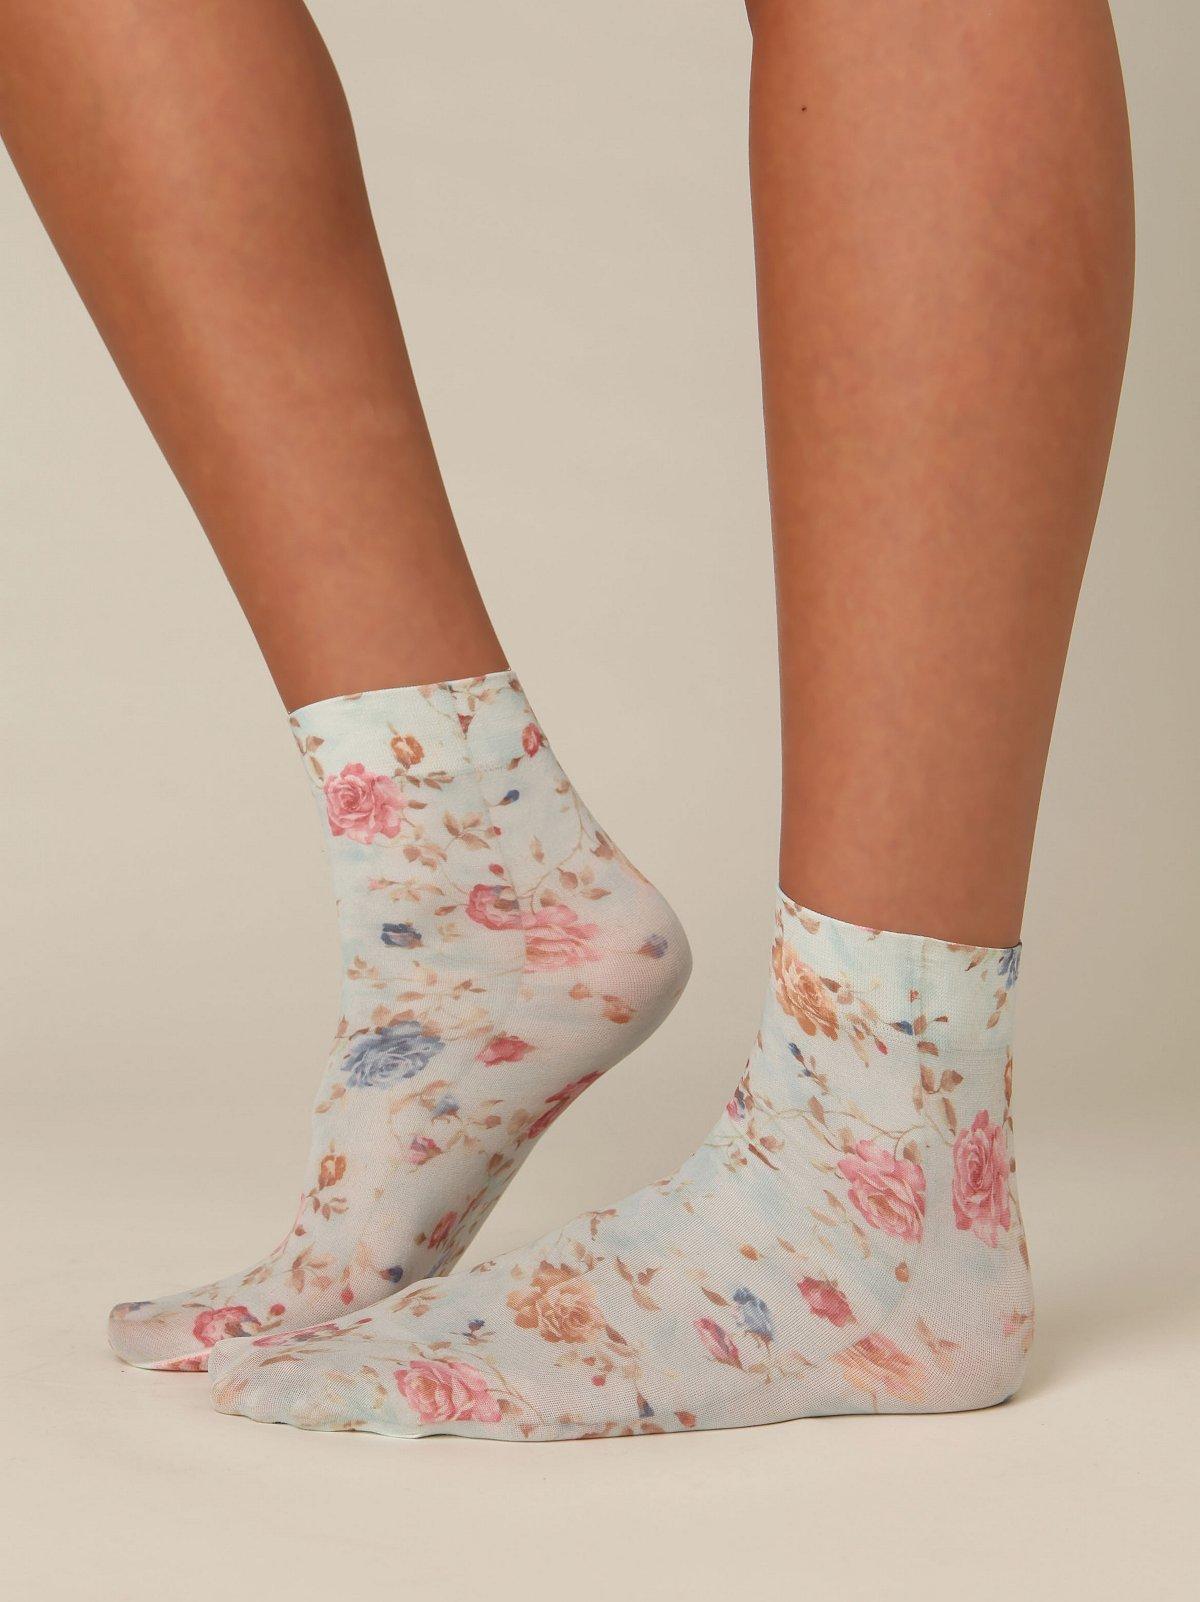 Printed Nylon Anklet